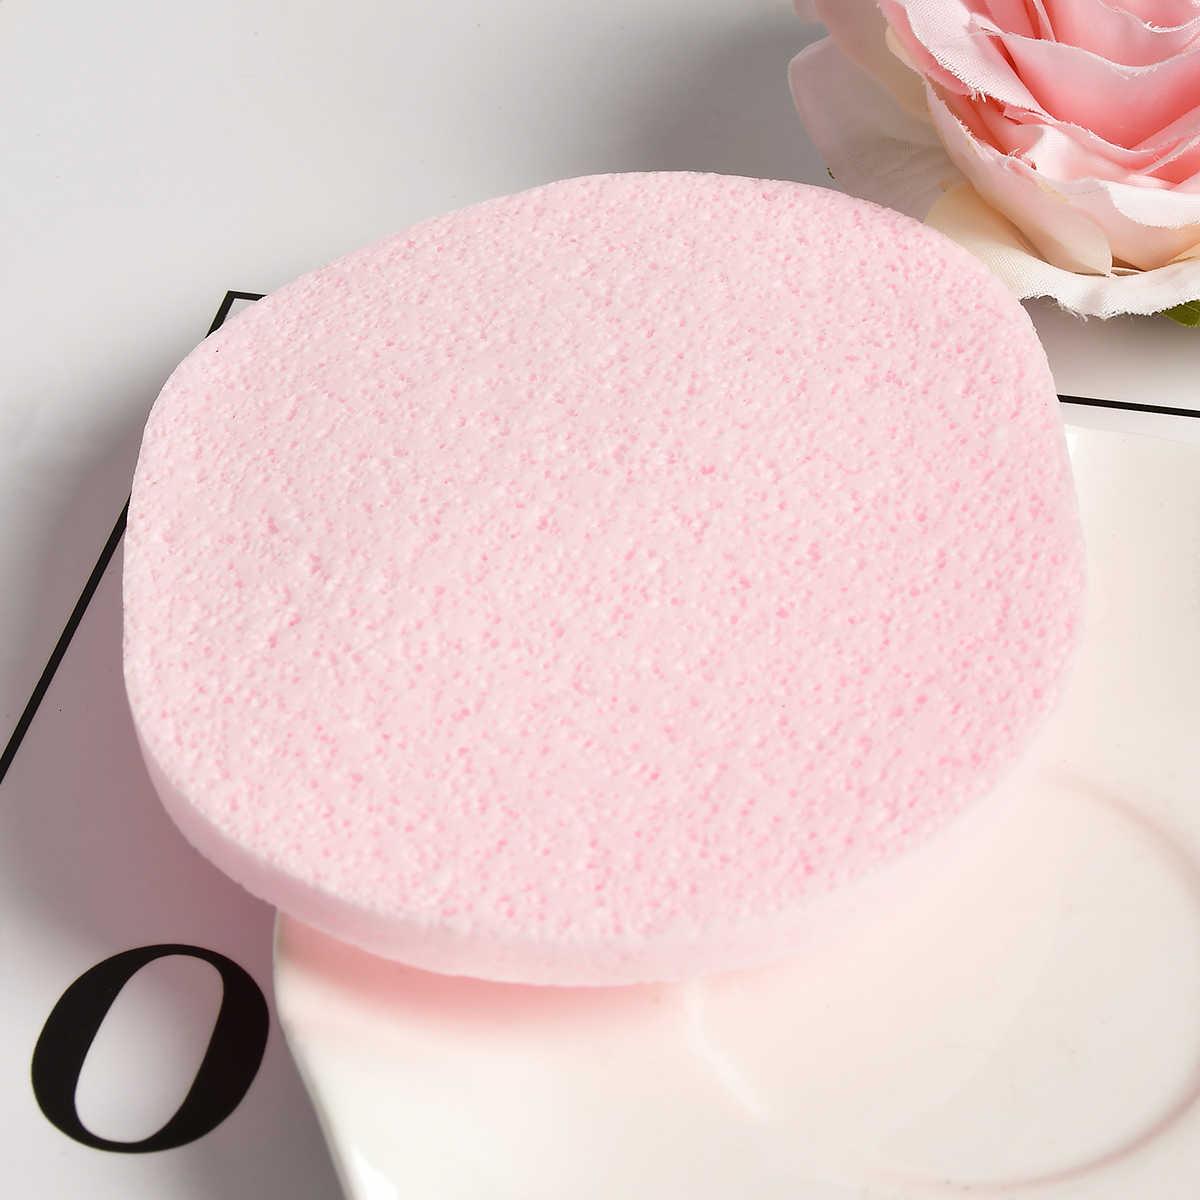 Haute qualité visage lavage produit naturel éponge visage lavage nettoyage rond éponge beauté maquillage outils nettoyage (couleur aléatoire)